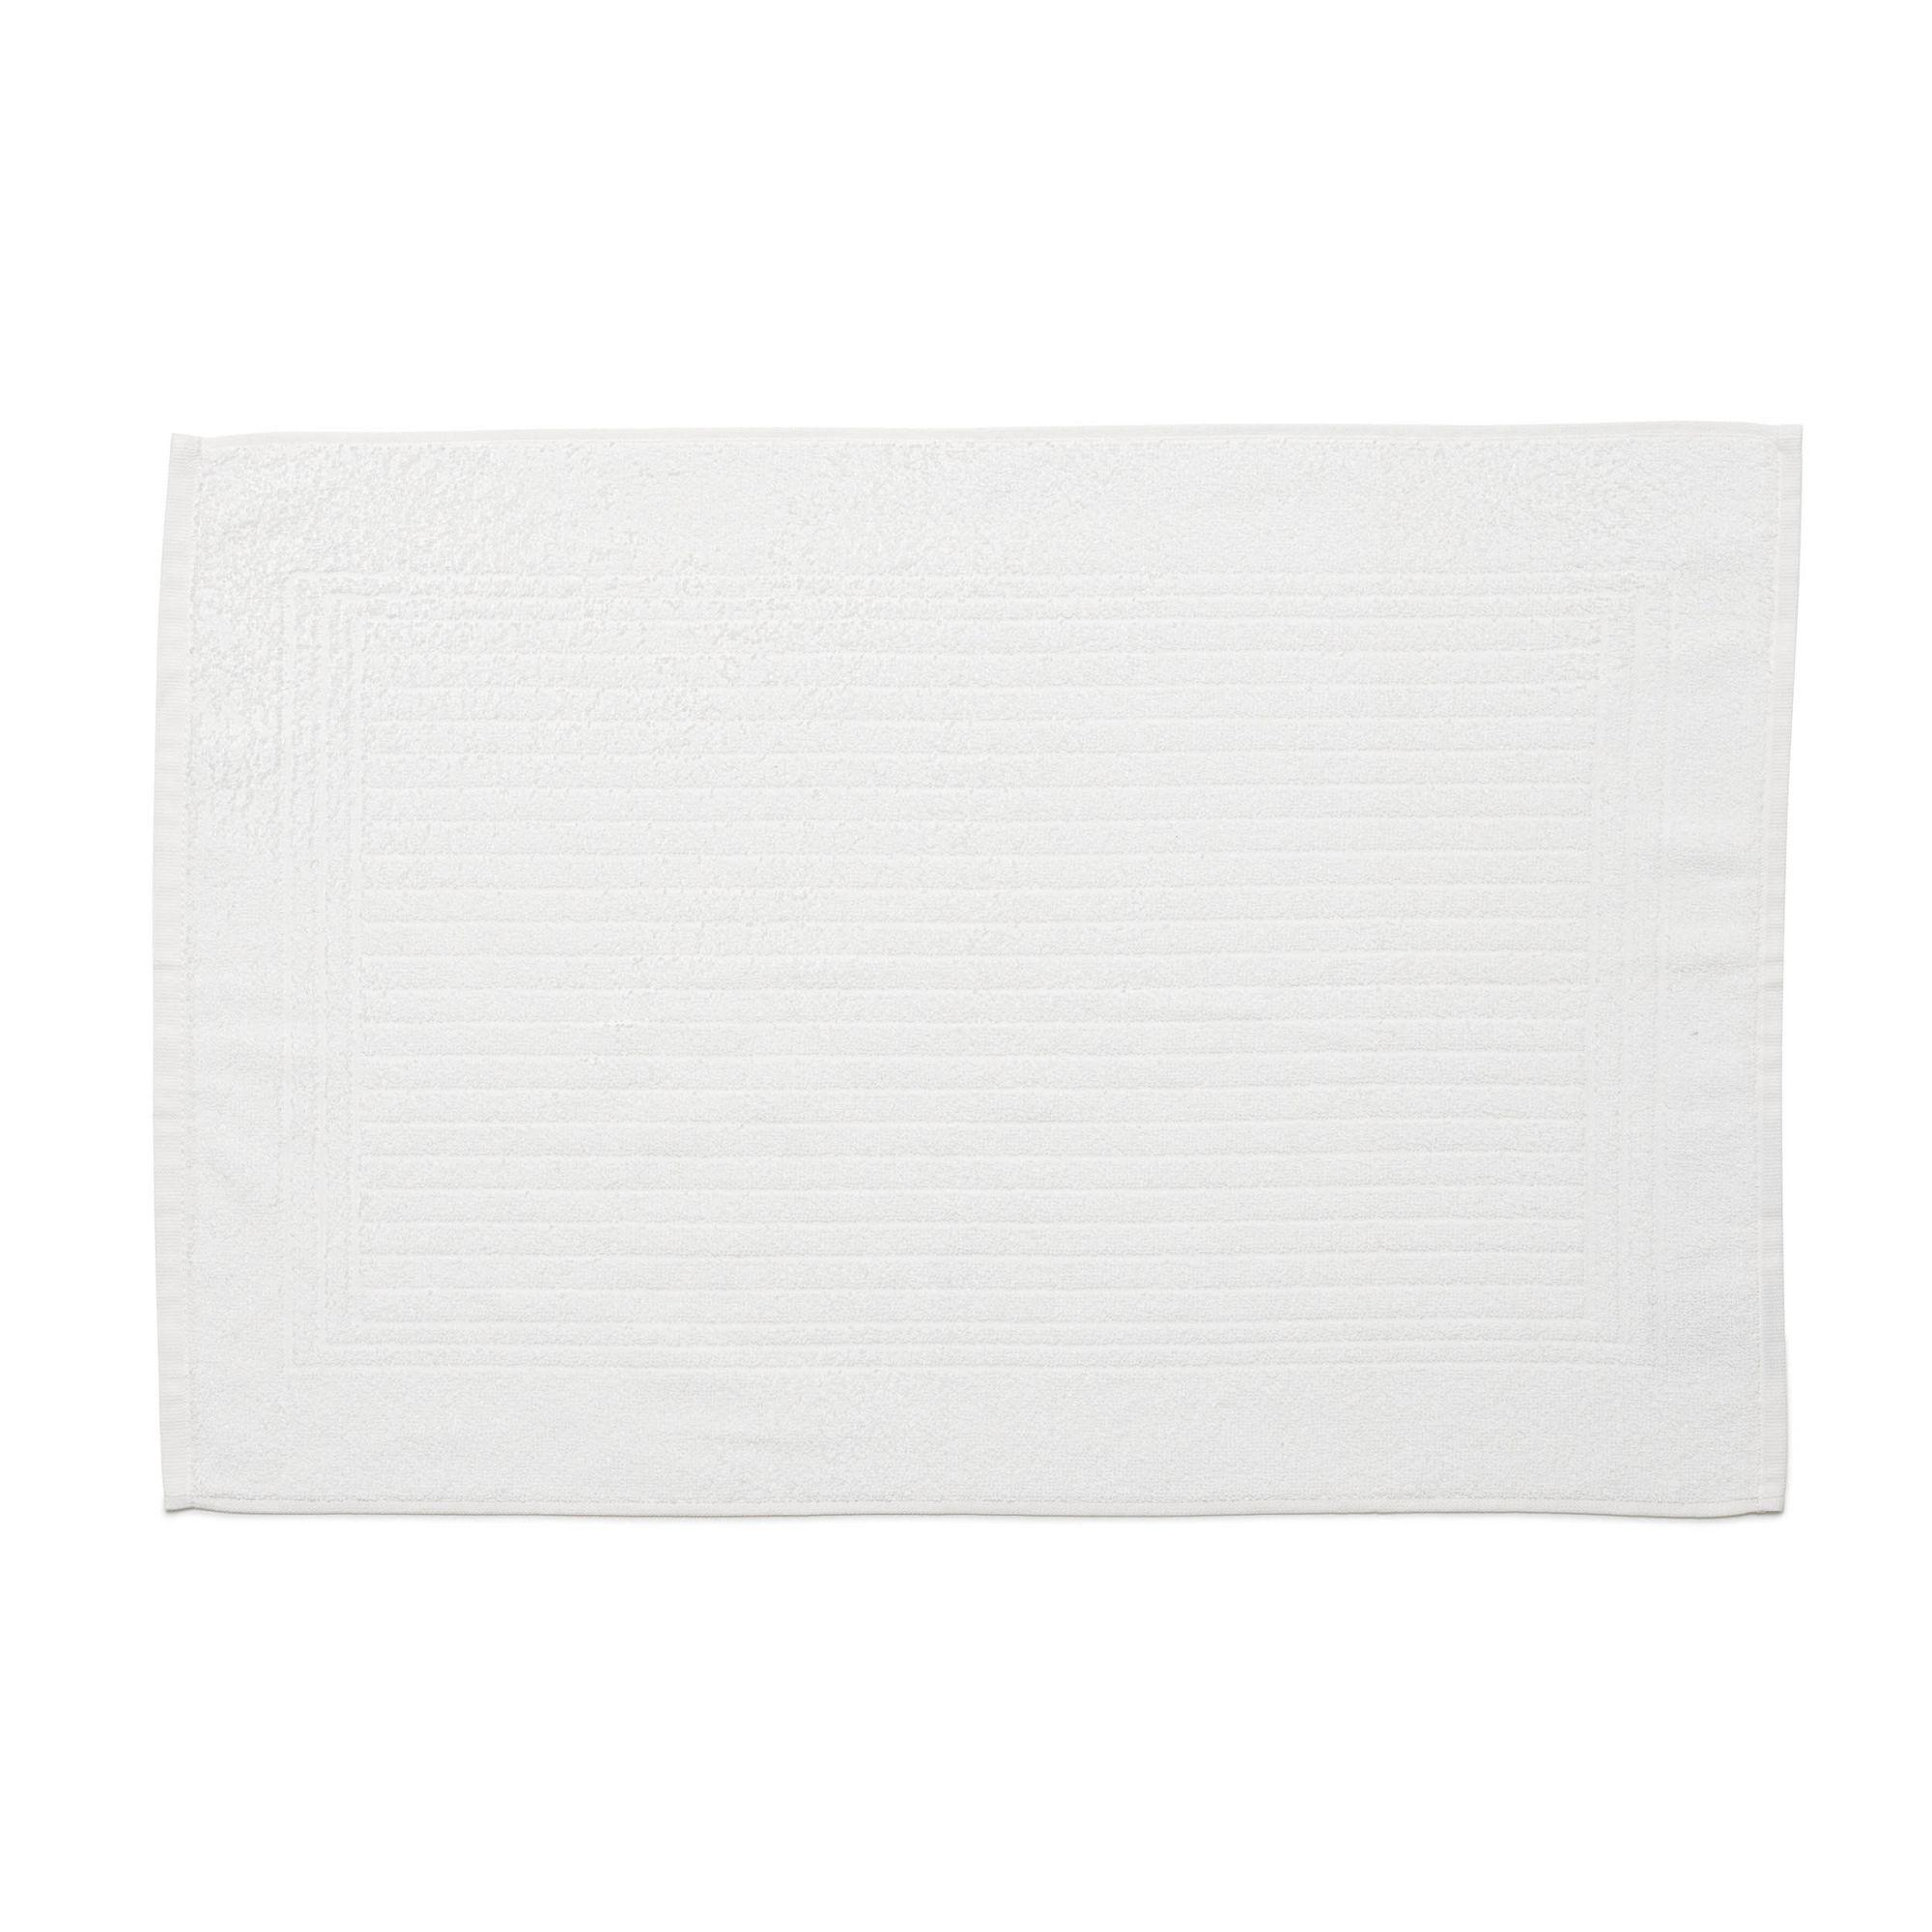 Piso para banheiro cedro santista 45cm x 70cm 100% algodao branco